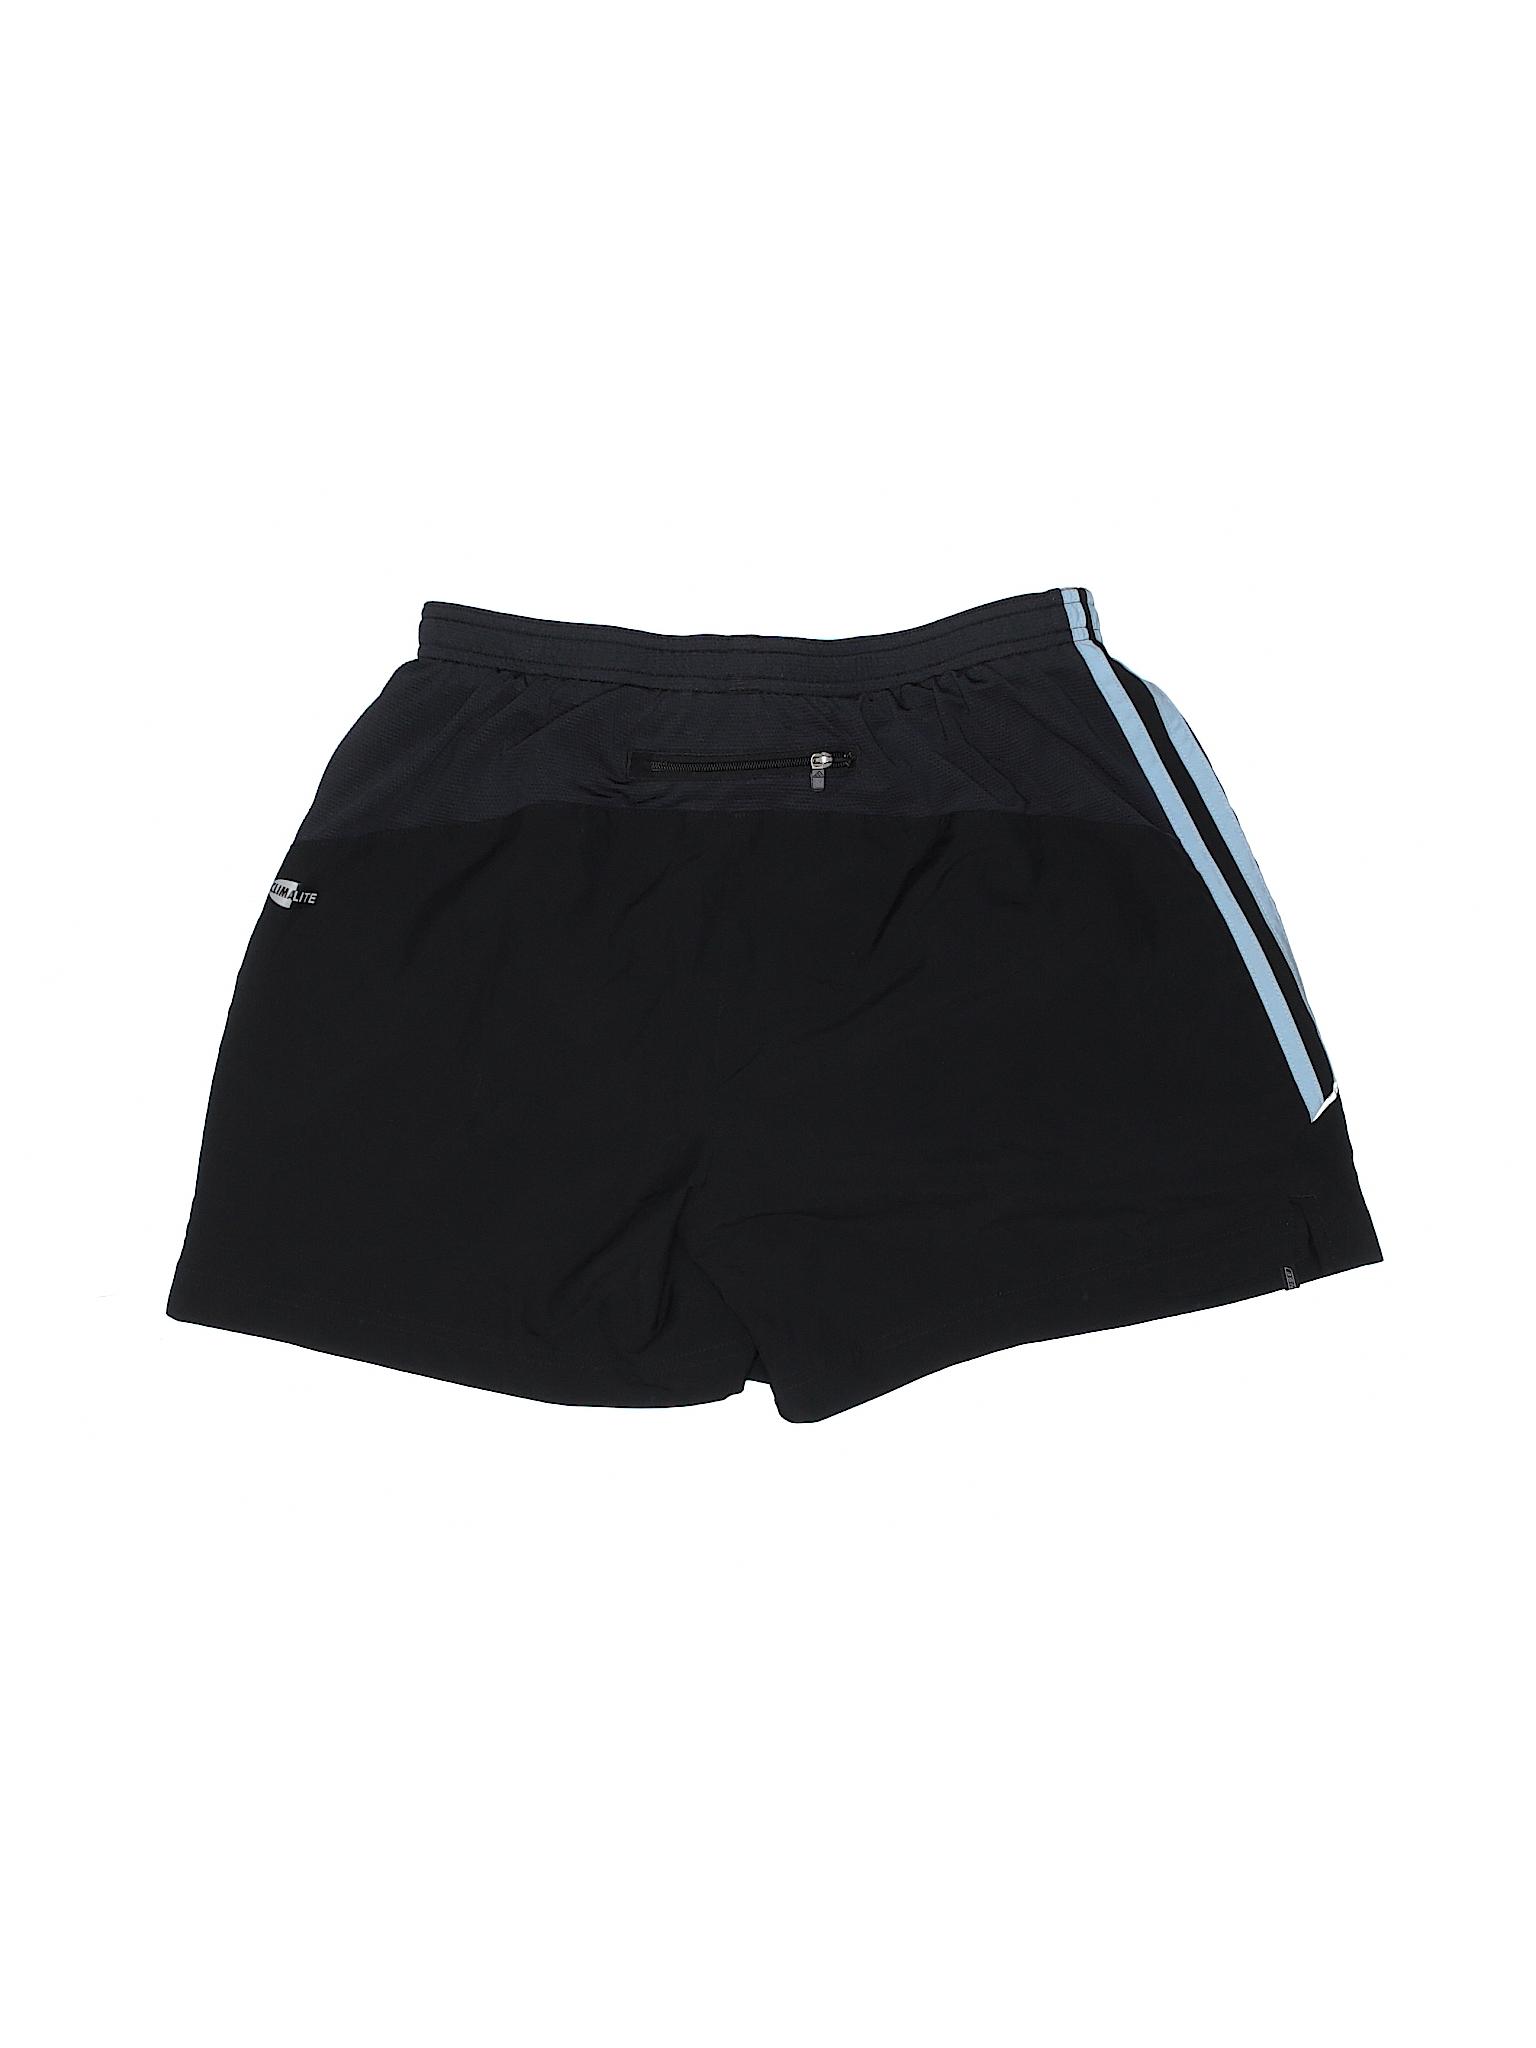 Adidas Boutique Boutique Shorts Boutique Athletic Shorts Adidas Adidas Athletic Athletic P1qPfRA